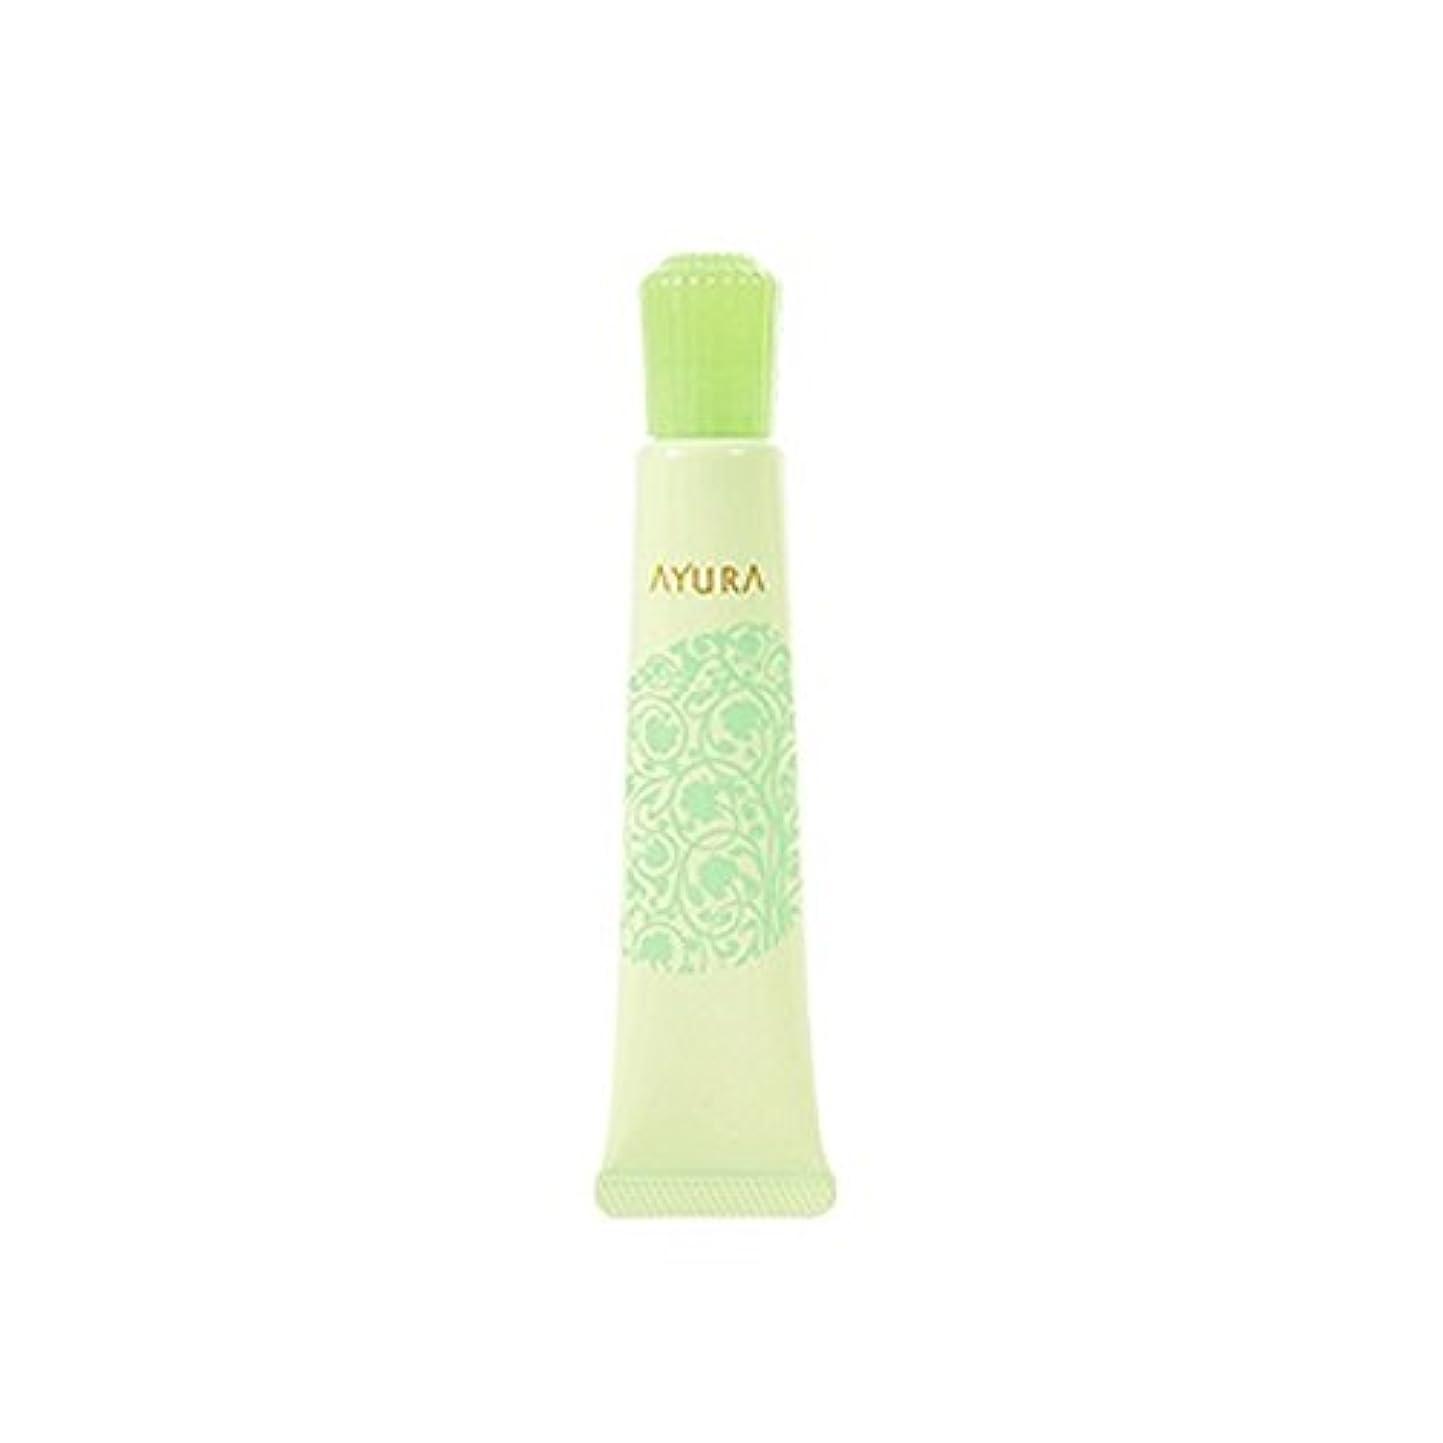 粗い当社騒乱アユーラ (AYURA) ハンドオアシス 〈ハンド用美容液〉 アロマティックハーブとユーカリの軽やかな香り